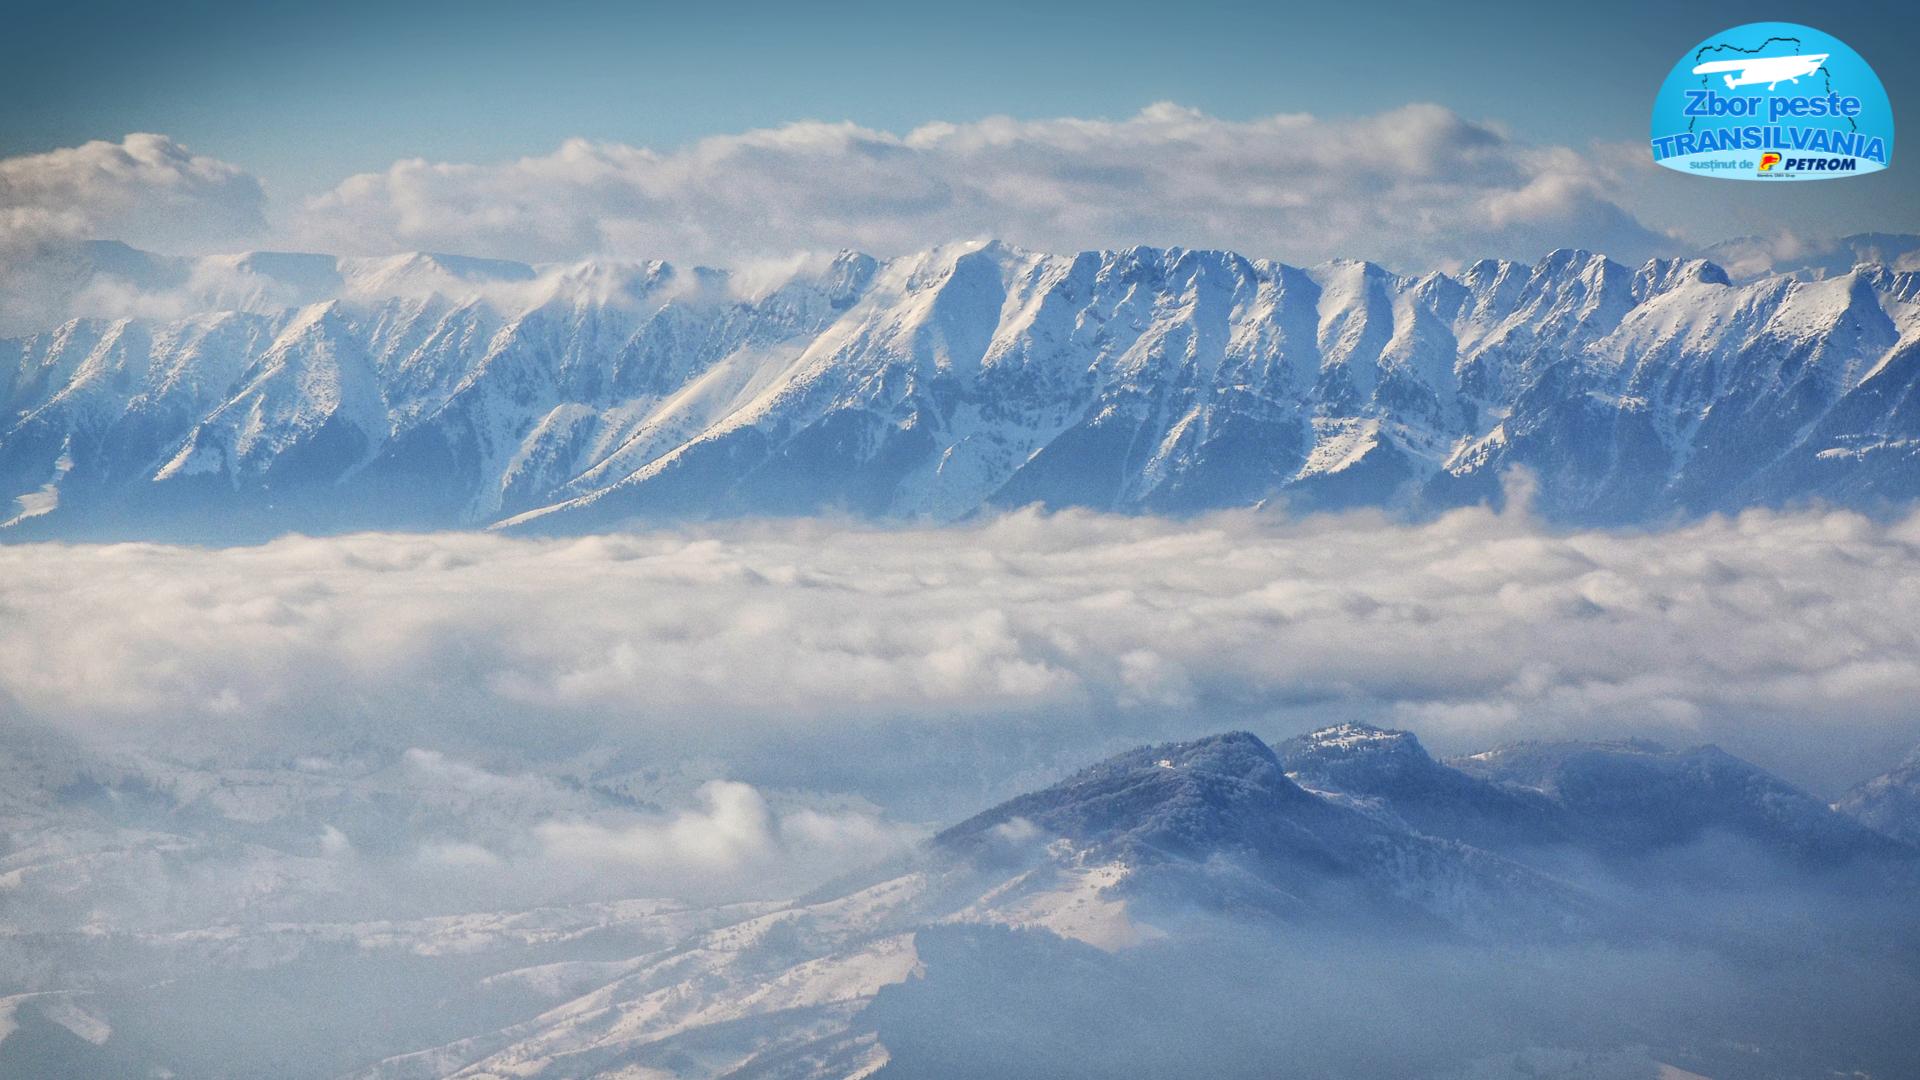 Zbor peste Transilvania - Munții Piatra Craiului